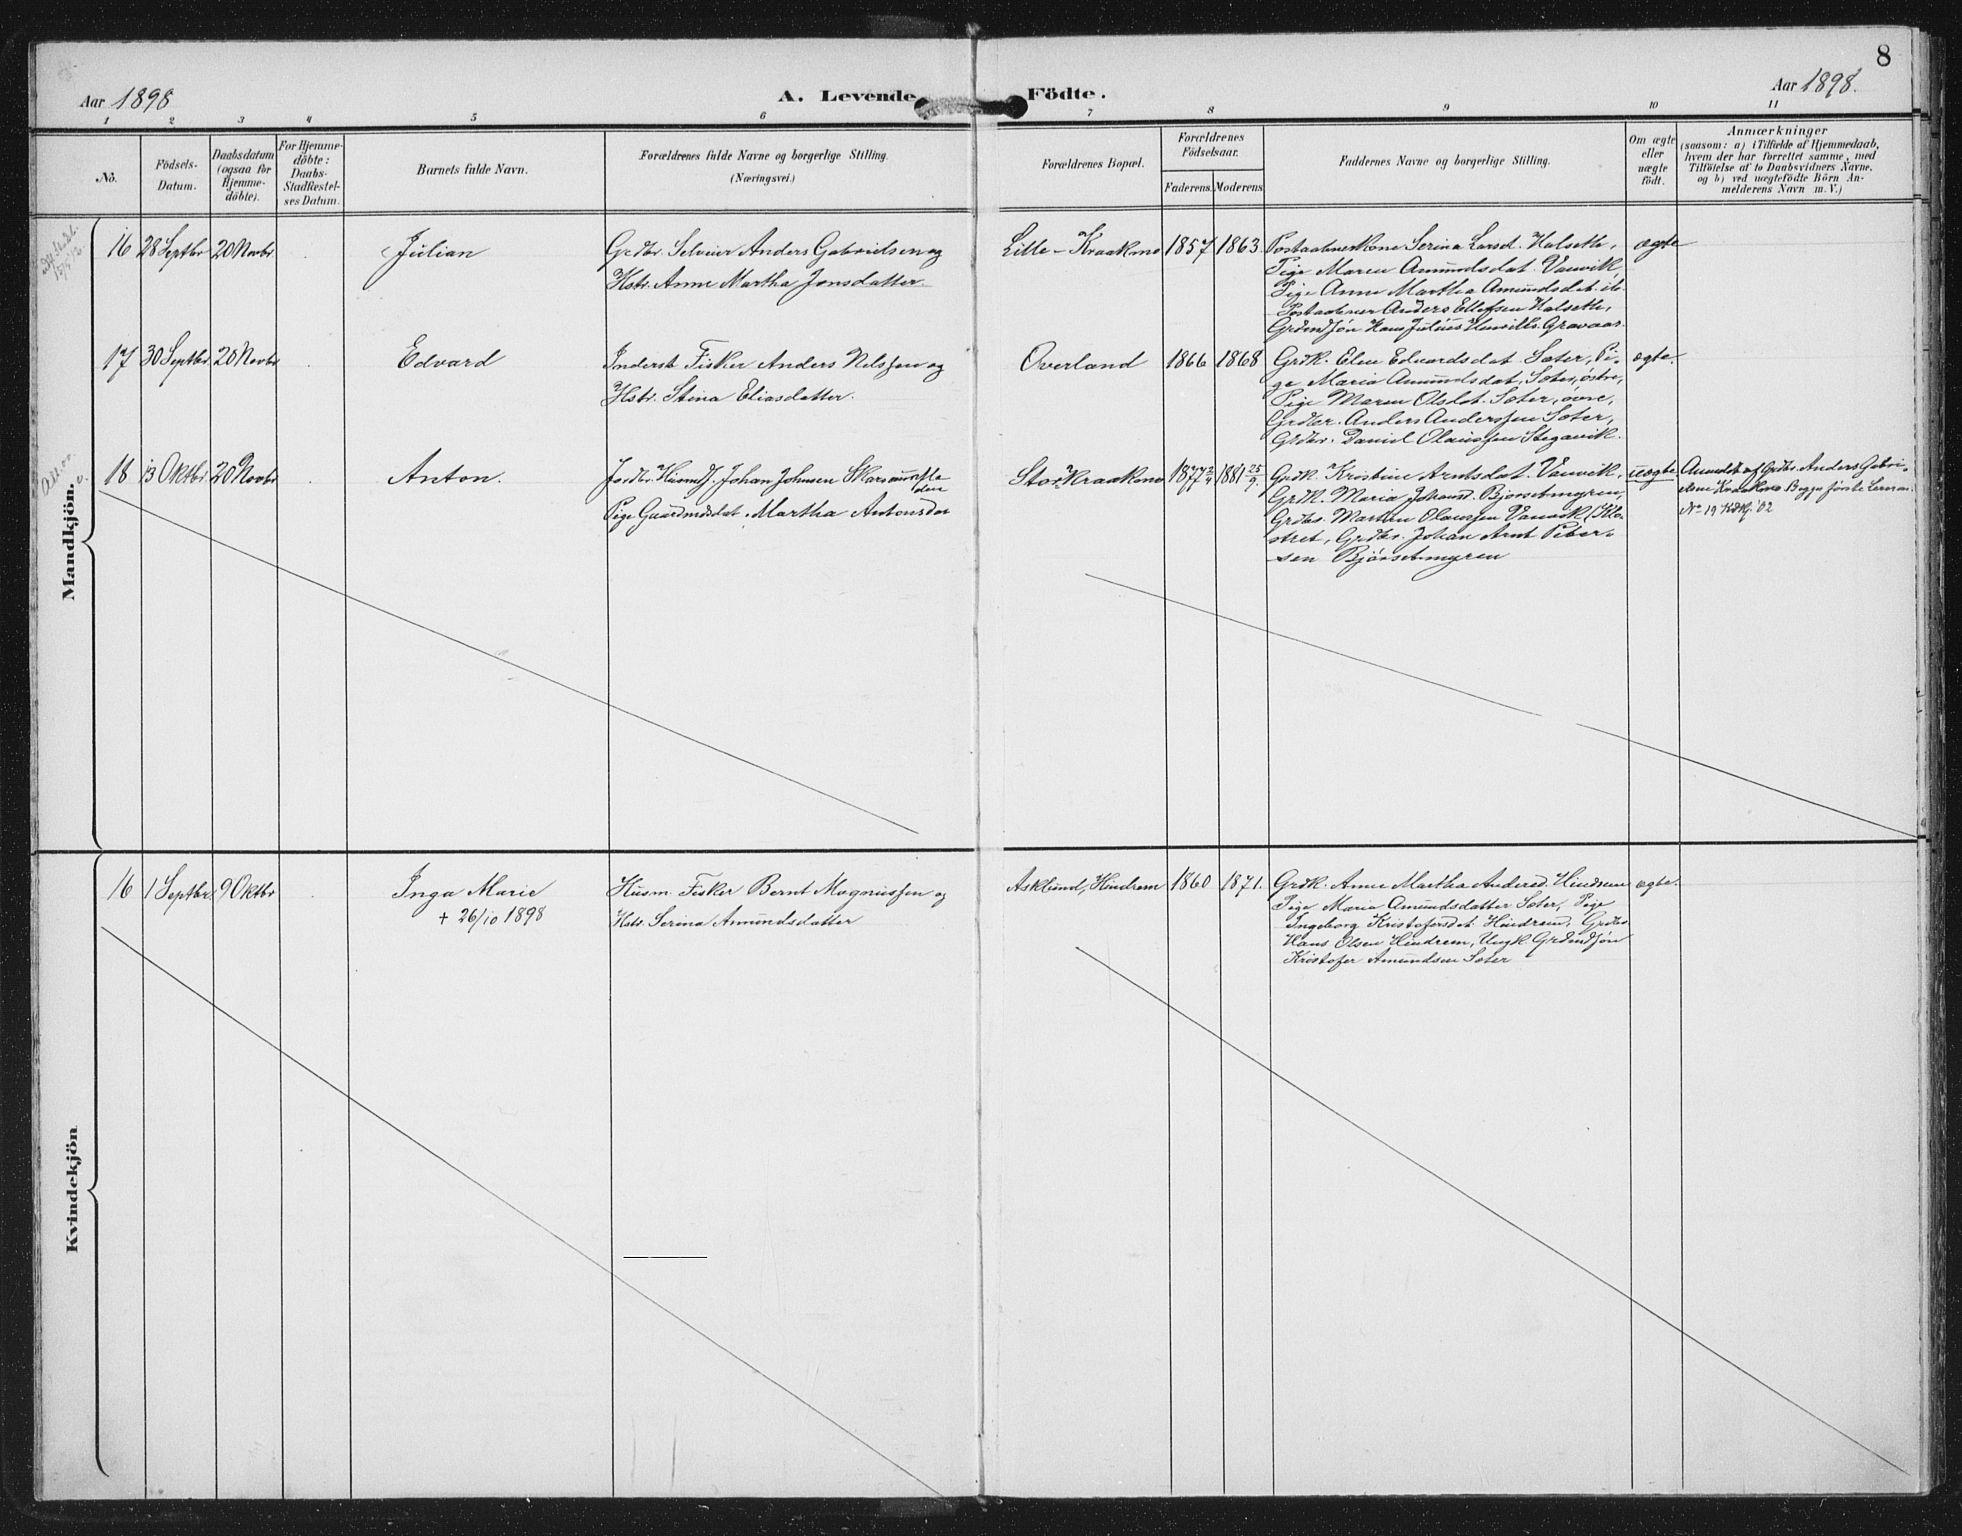 SAT, Ministerialprotokoller, klokkerbøker og fødselsregistre - Nord-Trøndelag, 702/L0024: Ministerialbok nr. 702A02, 1898-1914, s. 8